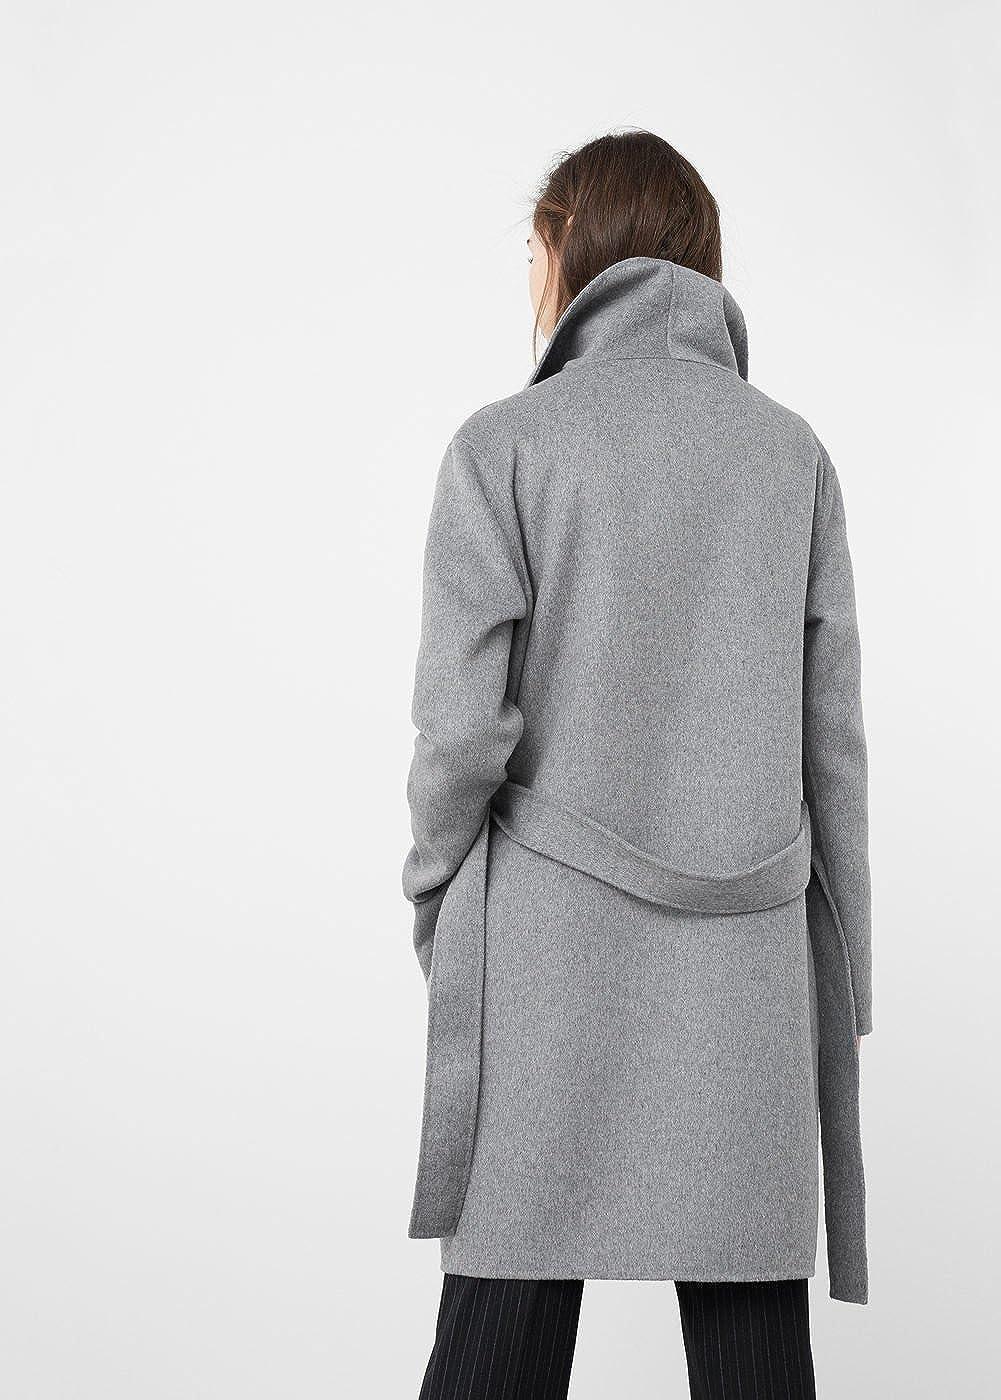 MANGO - Abrigo - para mujer gris gris Large: Amazon.es: Ropa y accesorios